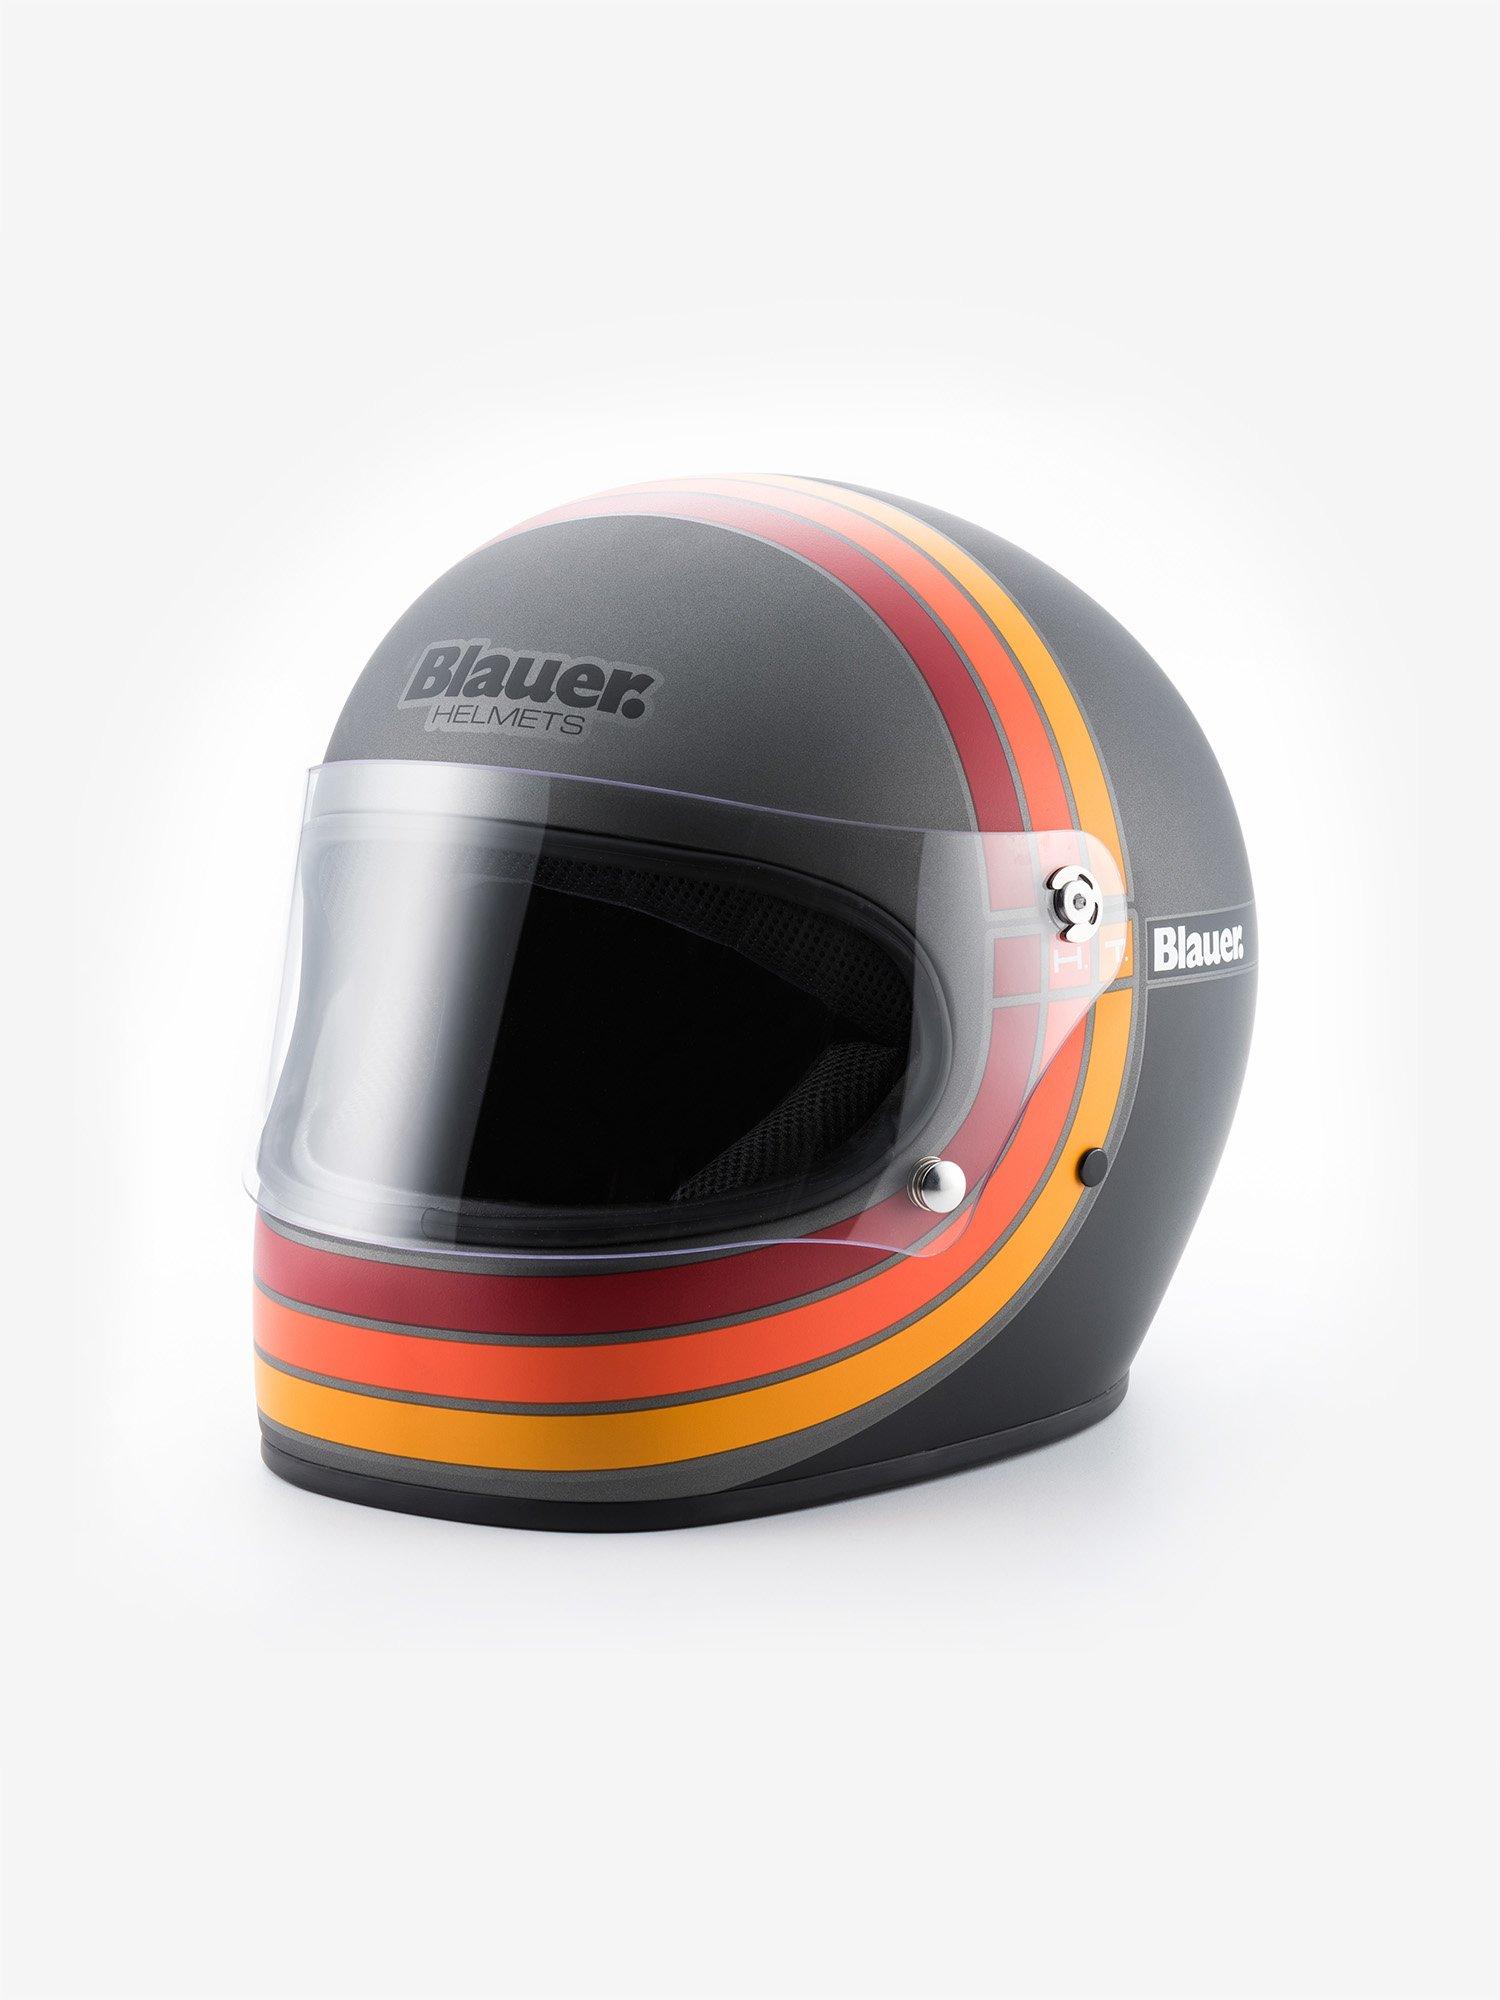 80s HELM - Blauer